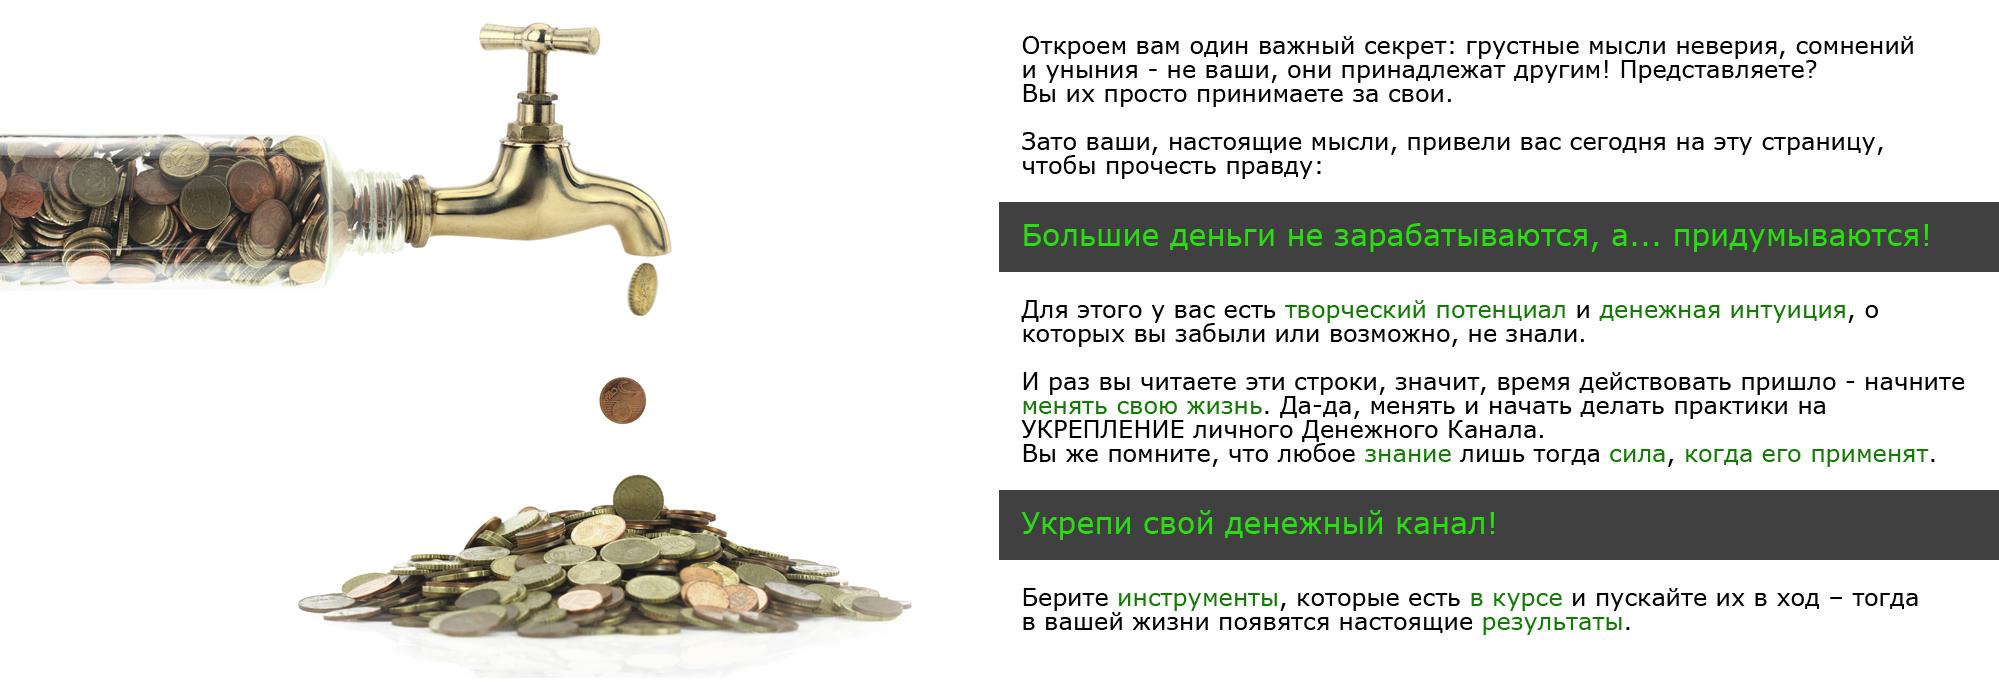 Матрица судьбы и предназначения Метод Натальи Ладини